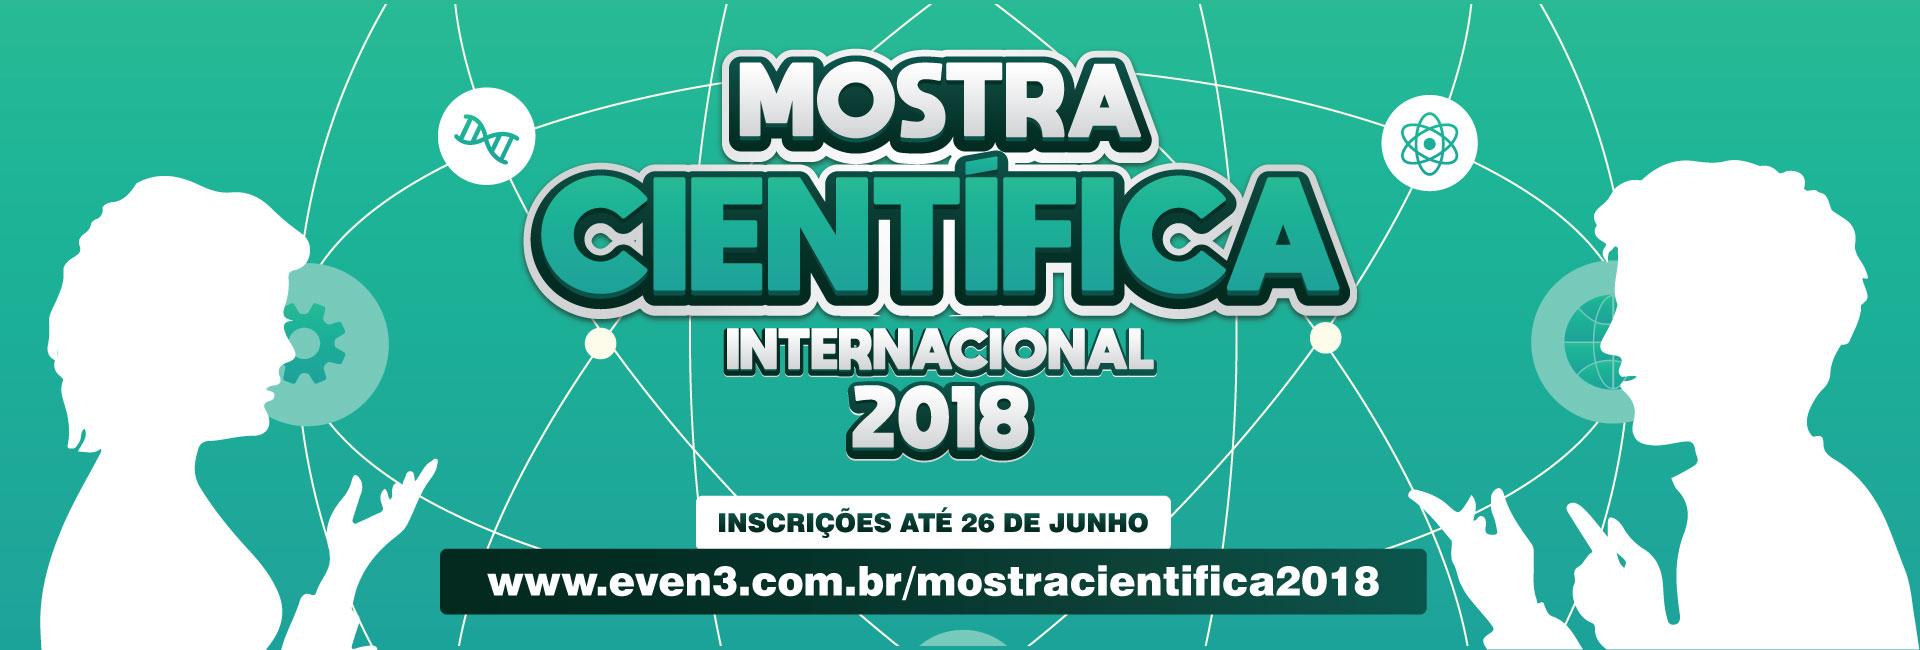 Inscrições abertas para a Mostra Científica Internacional 2018 do UNINTA